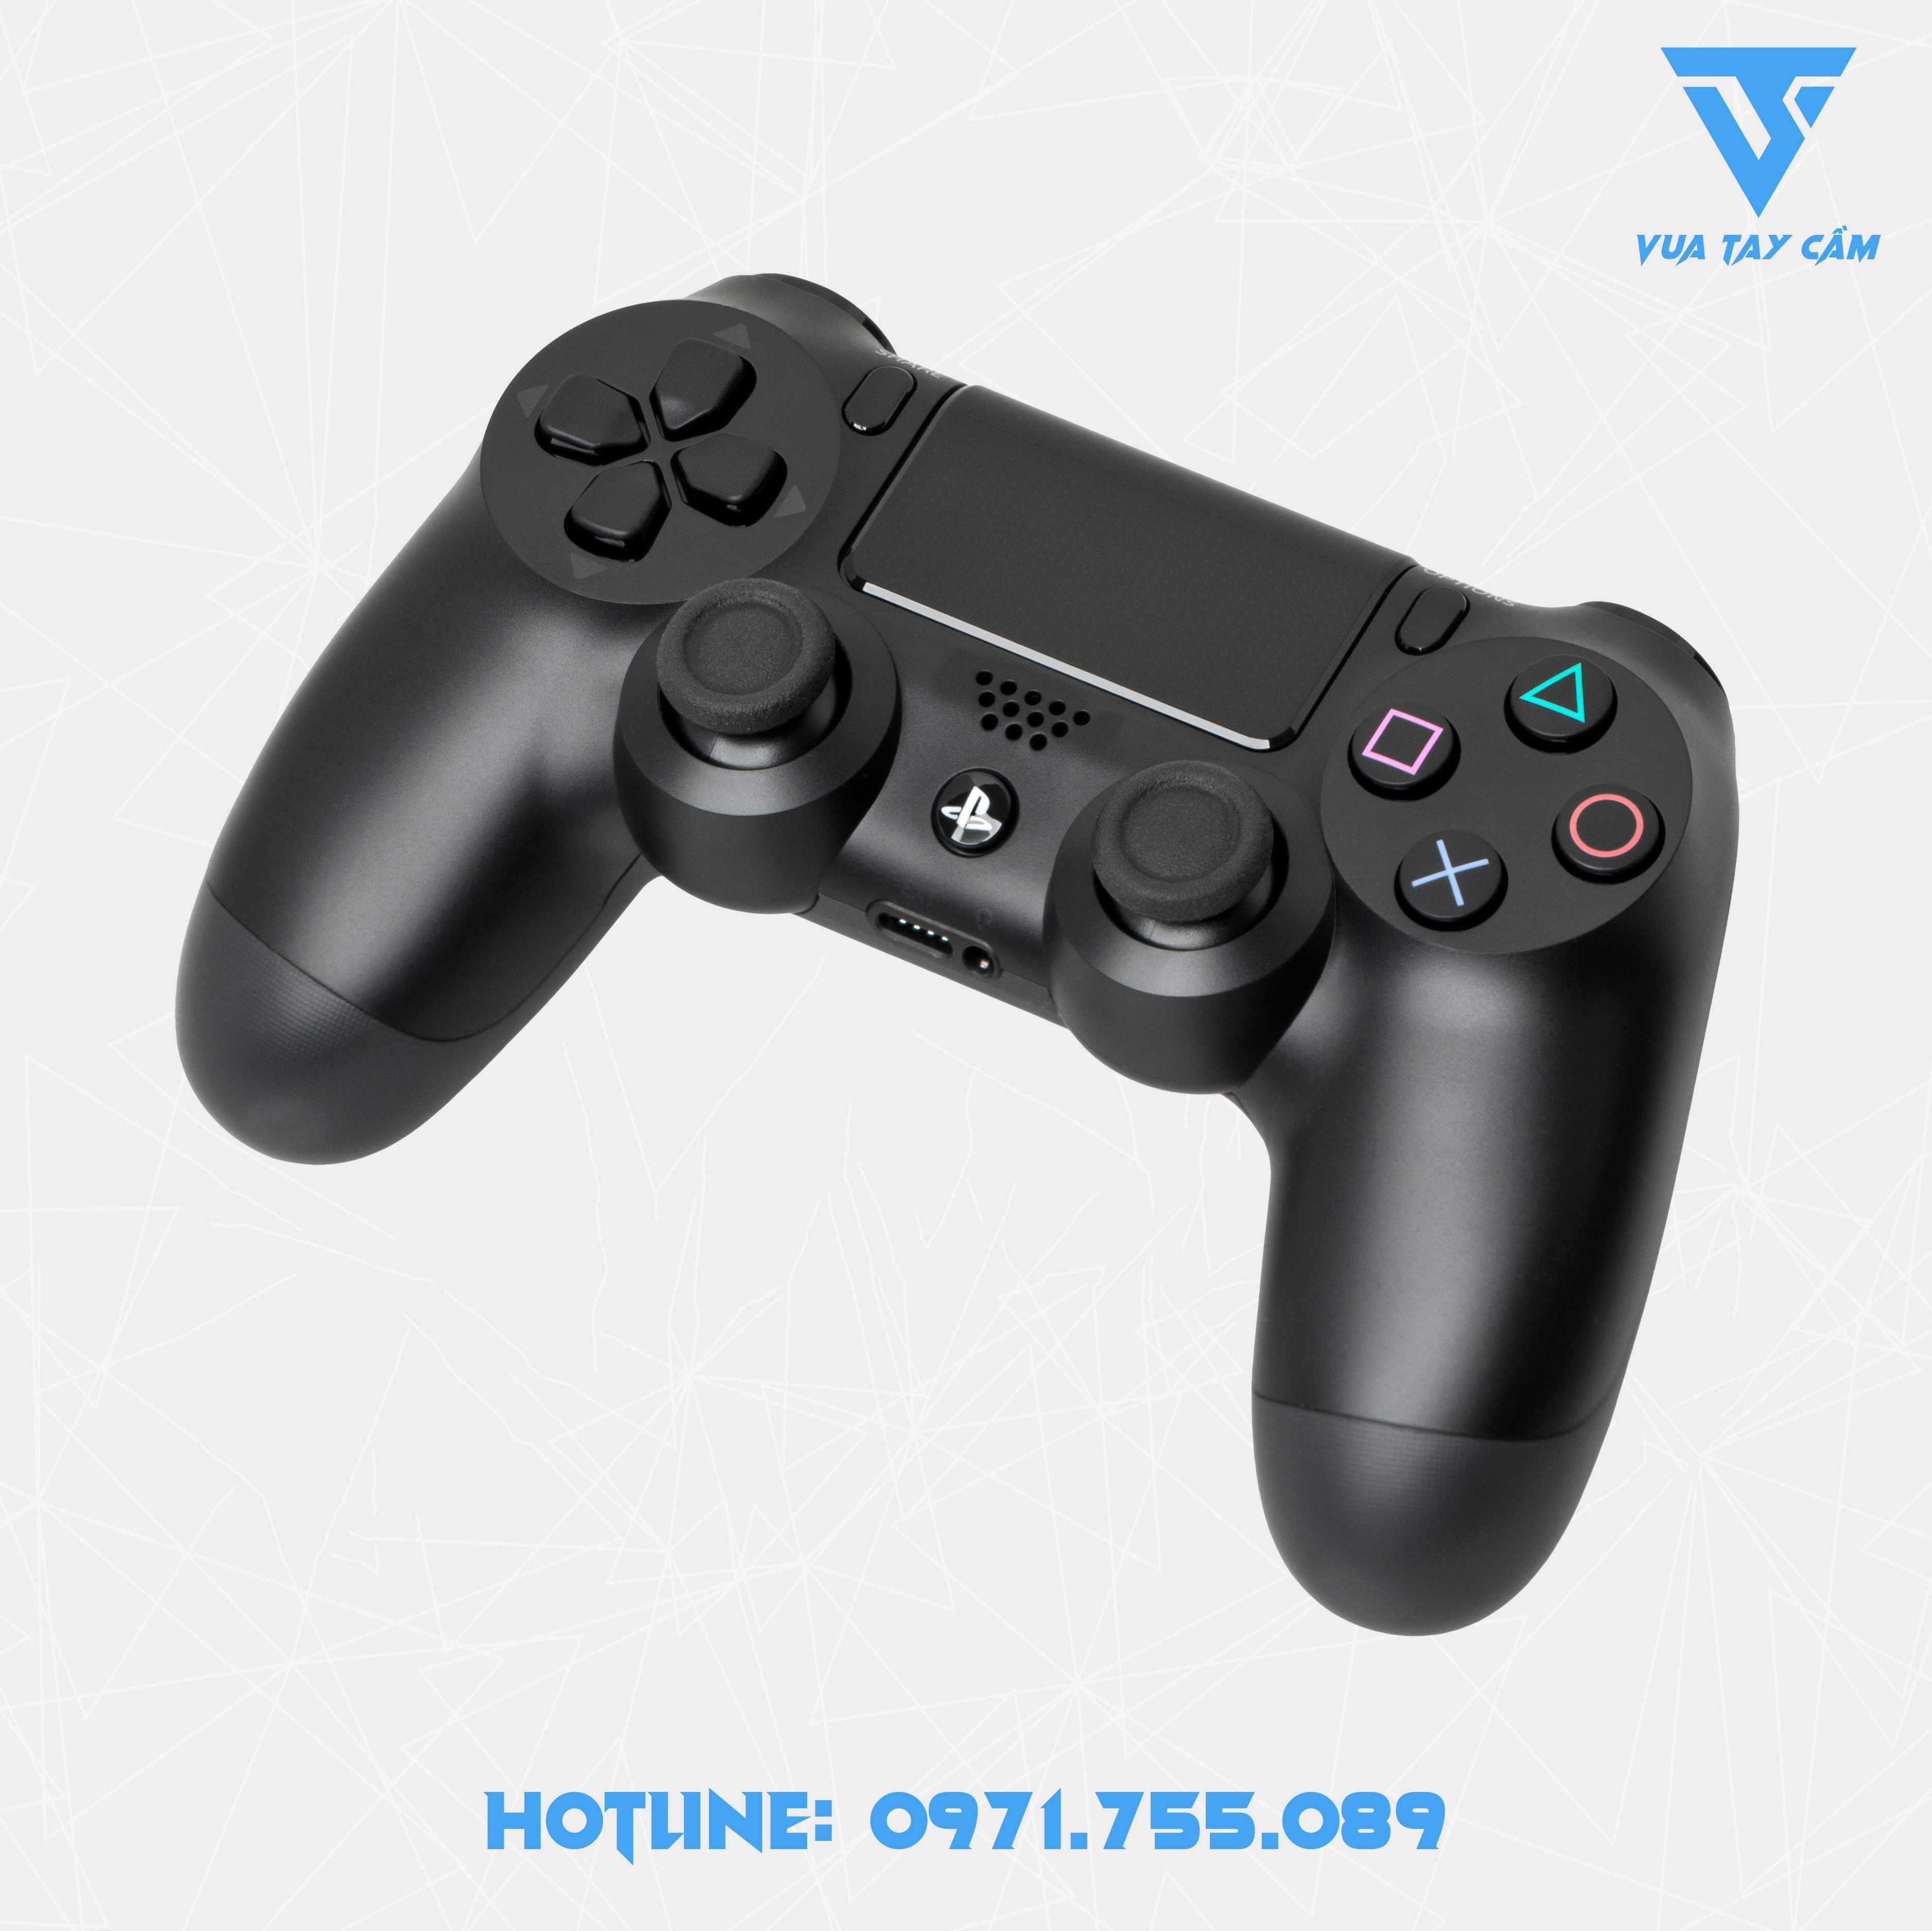 https://api.vuataycam.com/file/1609196997336-474096377-tay-cam-choi-game-ps4.jpg